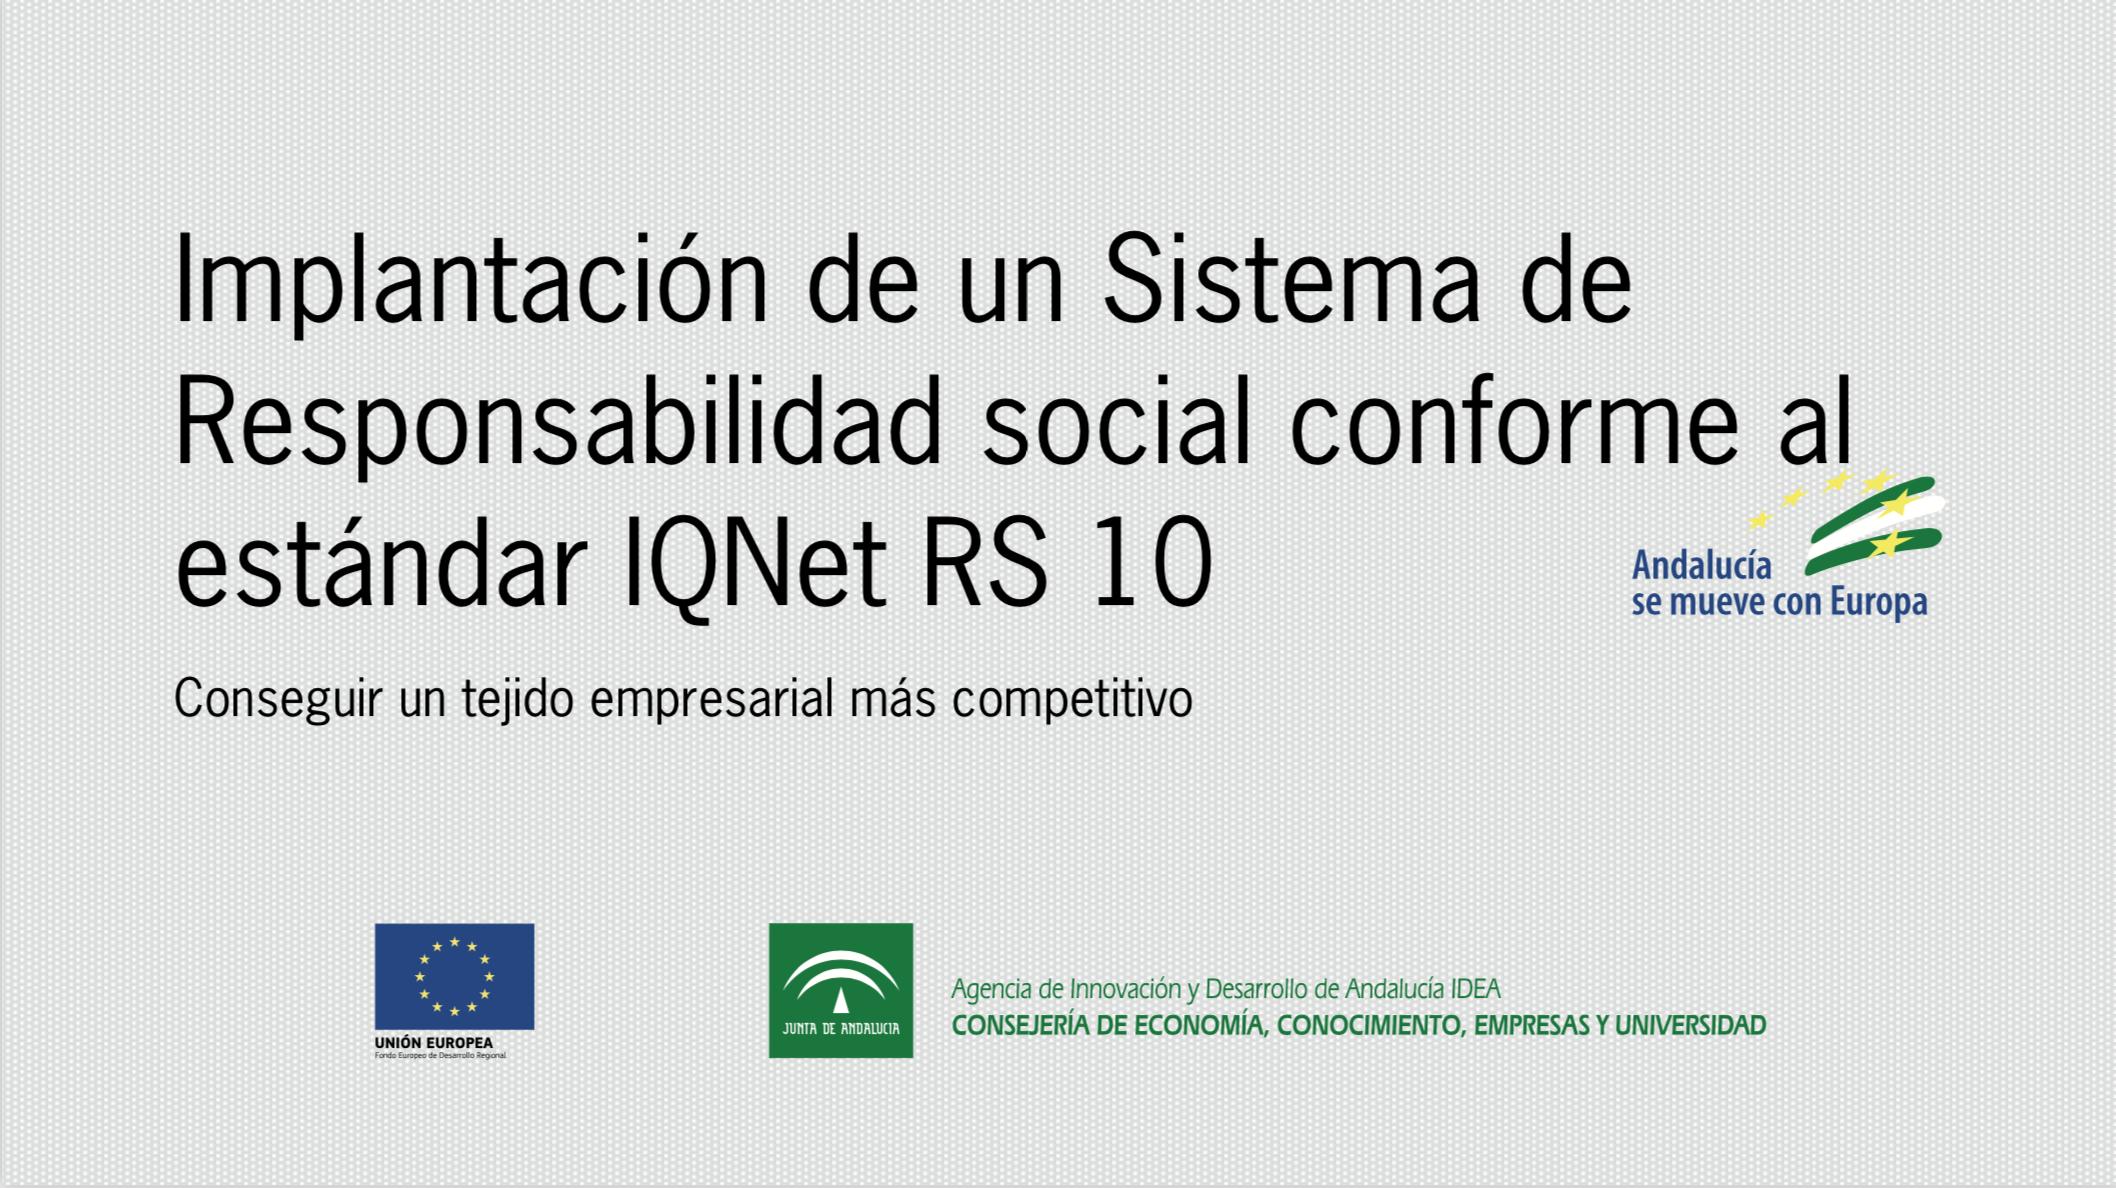 Implantación de un Sistema de Responsabilidad Social conforme al estándar IQNet SR 10